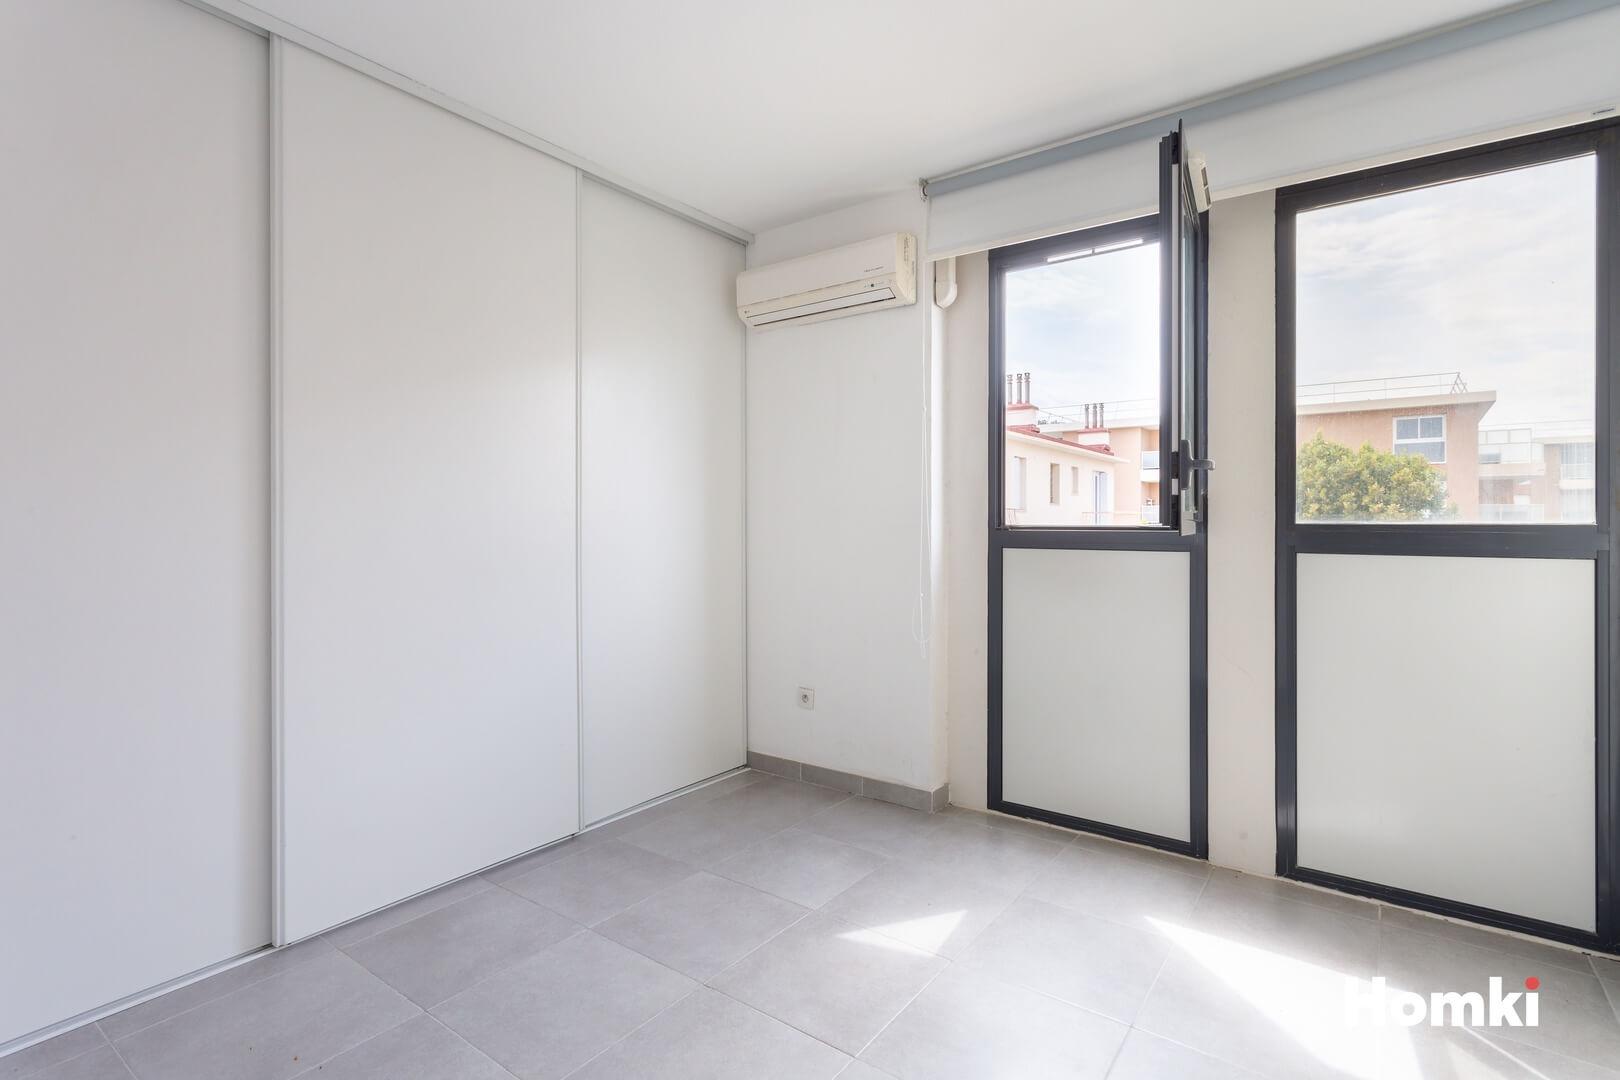 Homki - Vente Appartement  de 59.0 m² à Antibes 06600